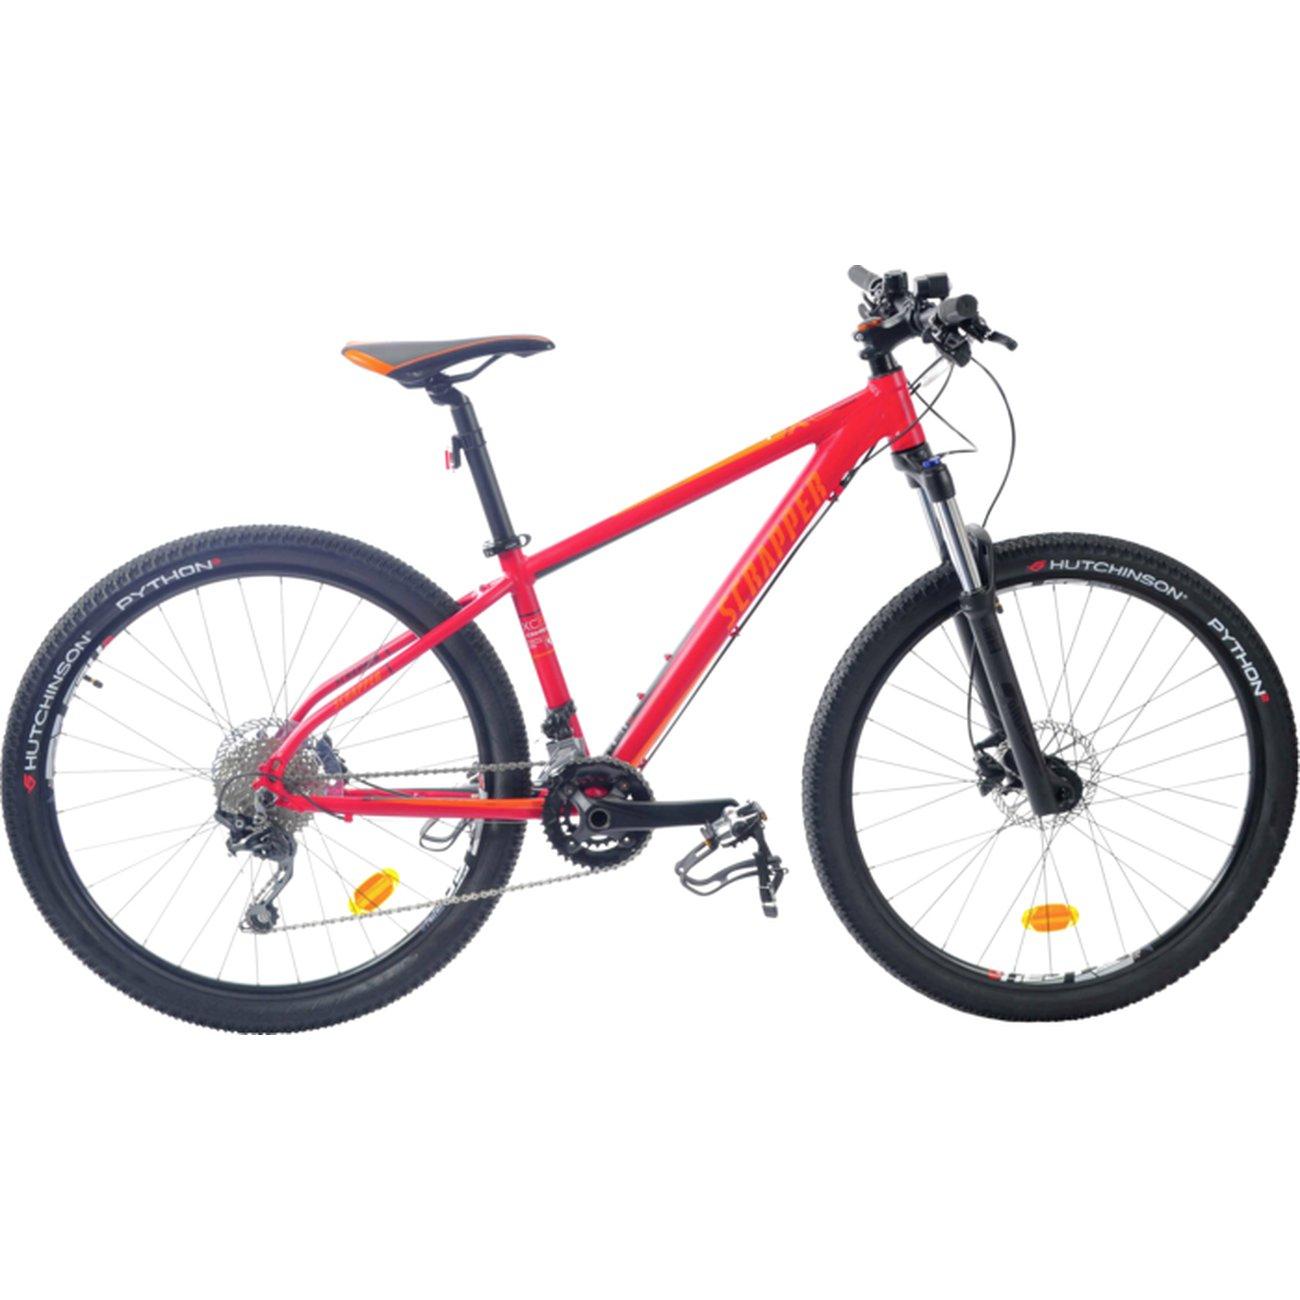 Vélo outdoor Scrapper XC 6.7 LTD - Taille S ou M